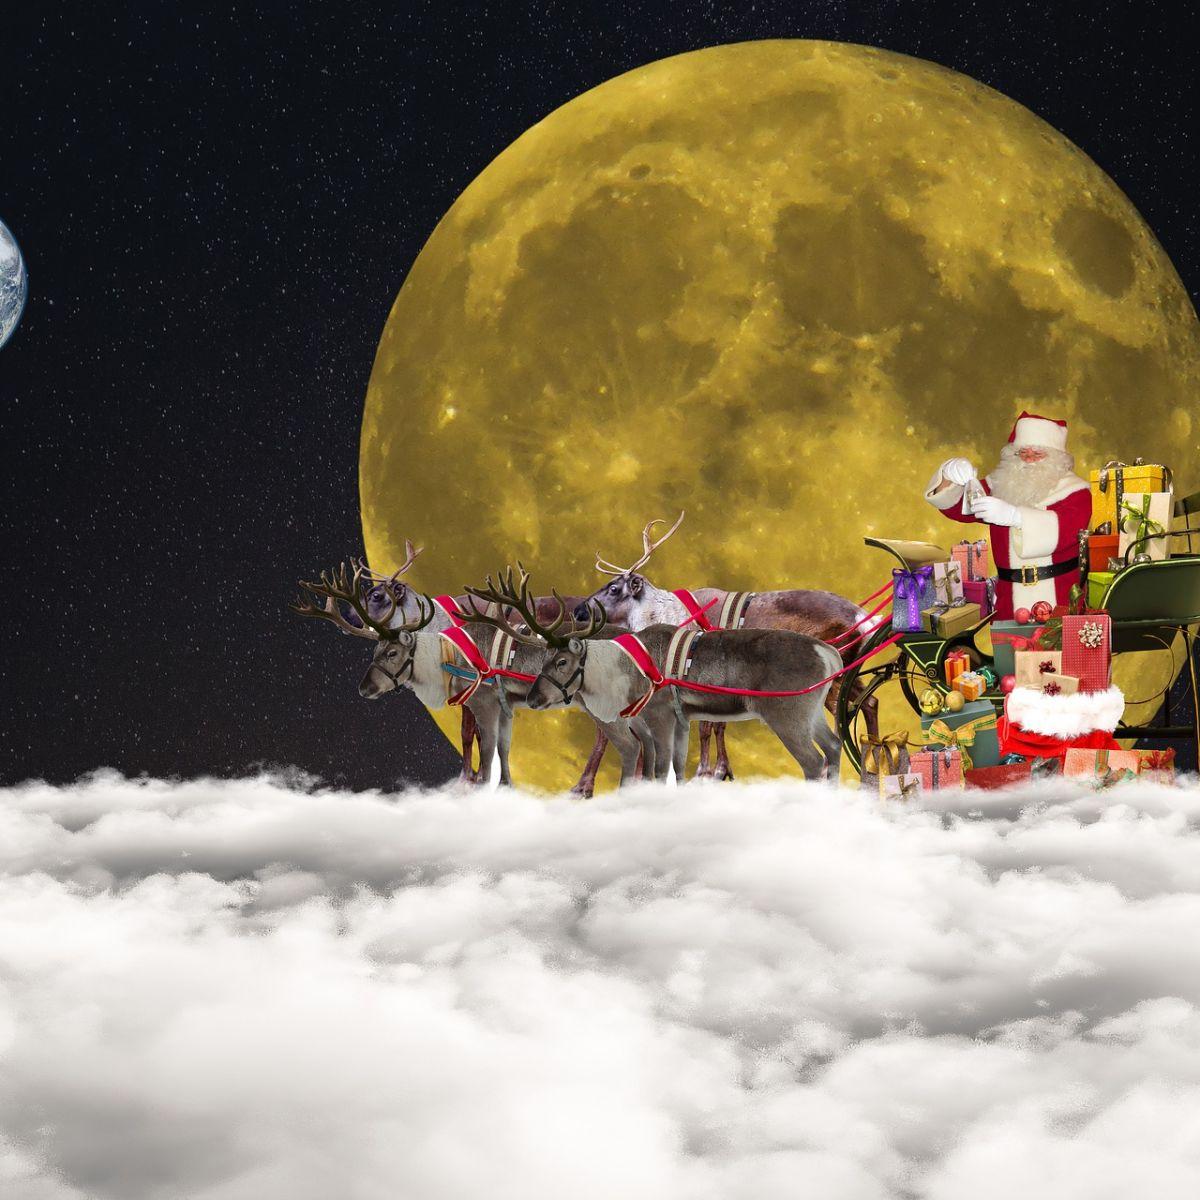 St. Nikolaus an Weihnachten mit Renntieren, Mond, Wolke, Himmel, Nacht